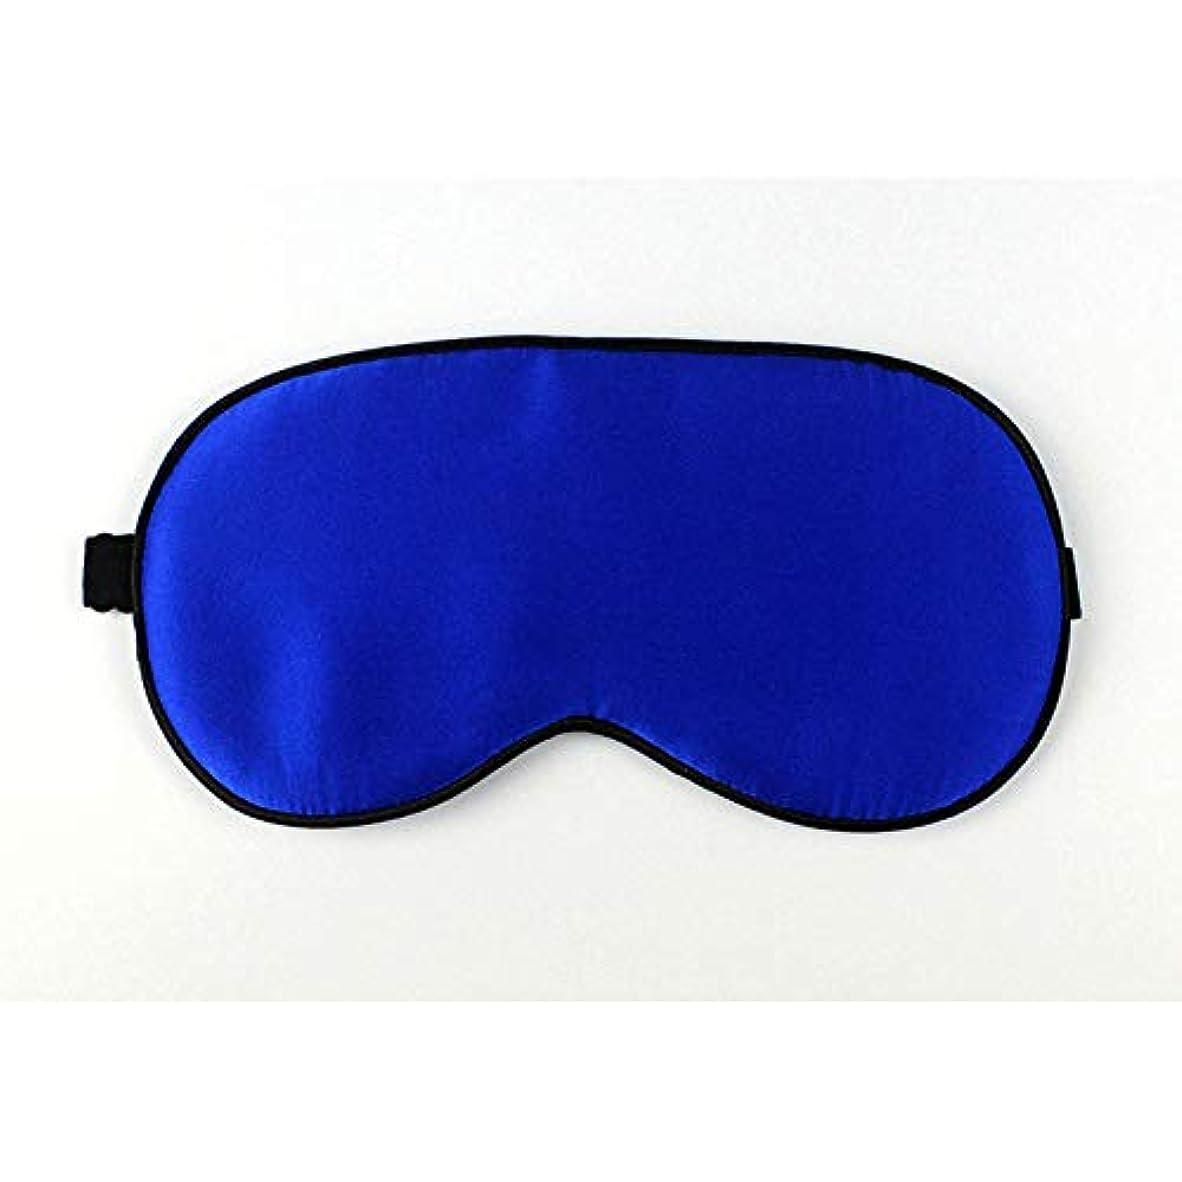 最適雄弁な着服XuBa アイマスク ソフト シルク 弾力 睡眠 遮光  完璧な睡眠環境 アイシェード スリープシールド オフィス  ダークブルー